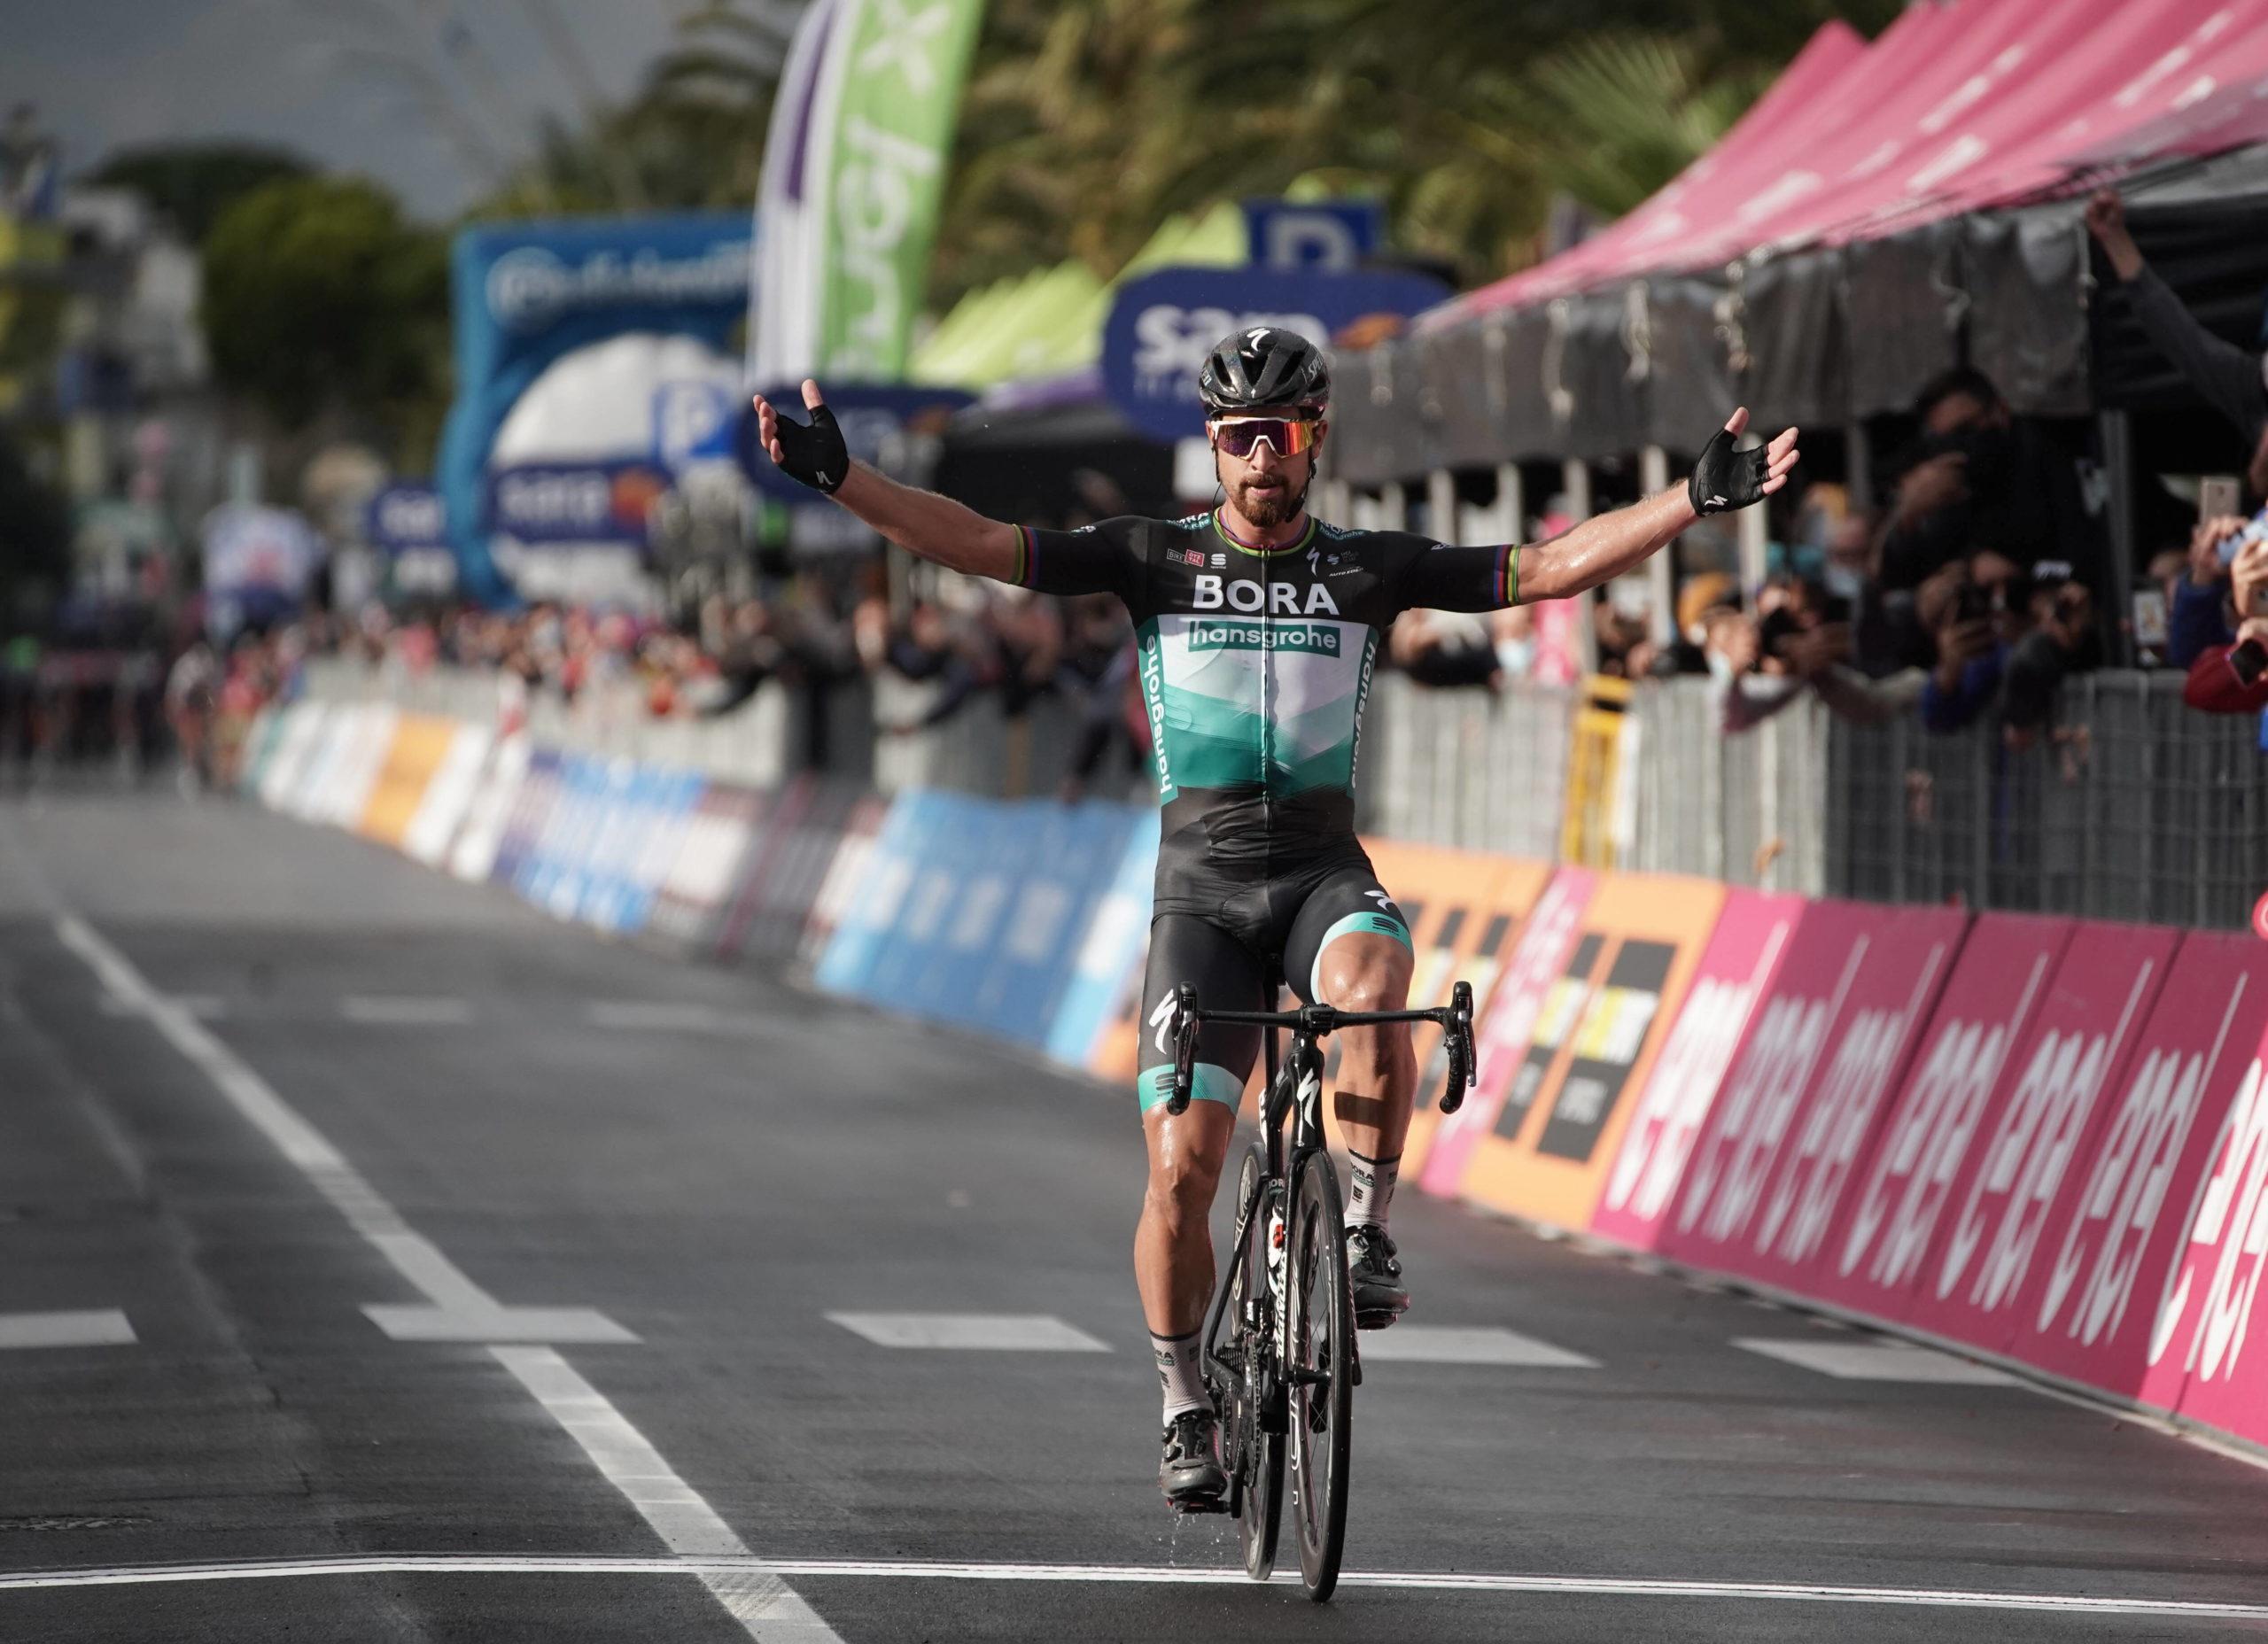 Fantastisk sejr til Peter Sagan i Giro'en